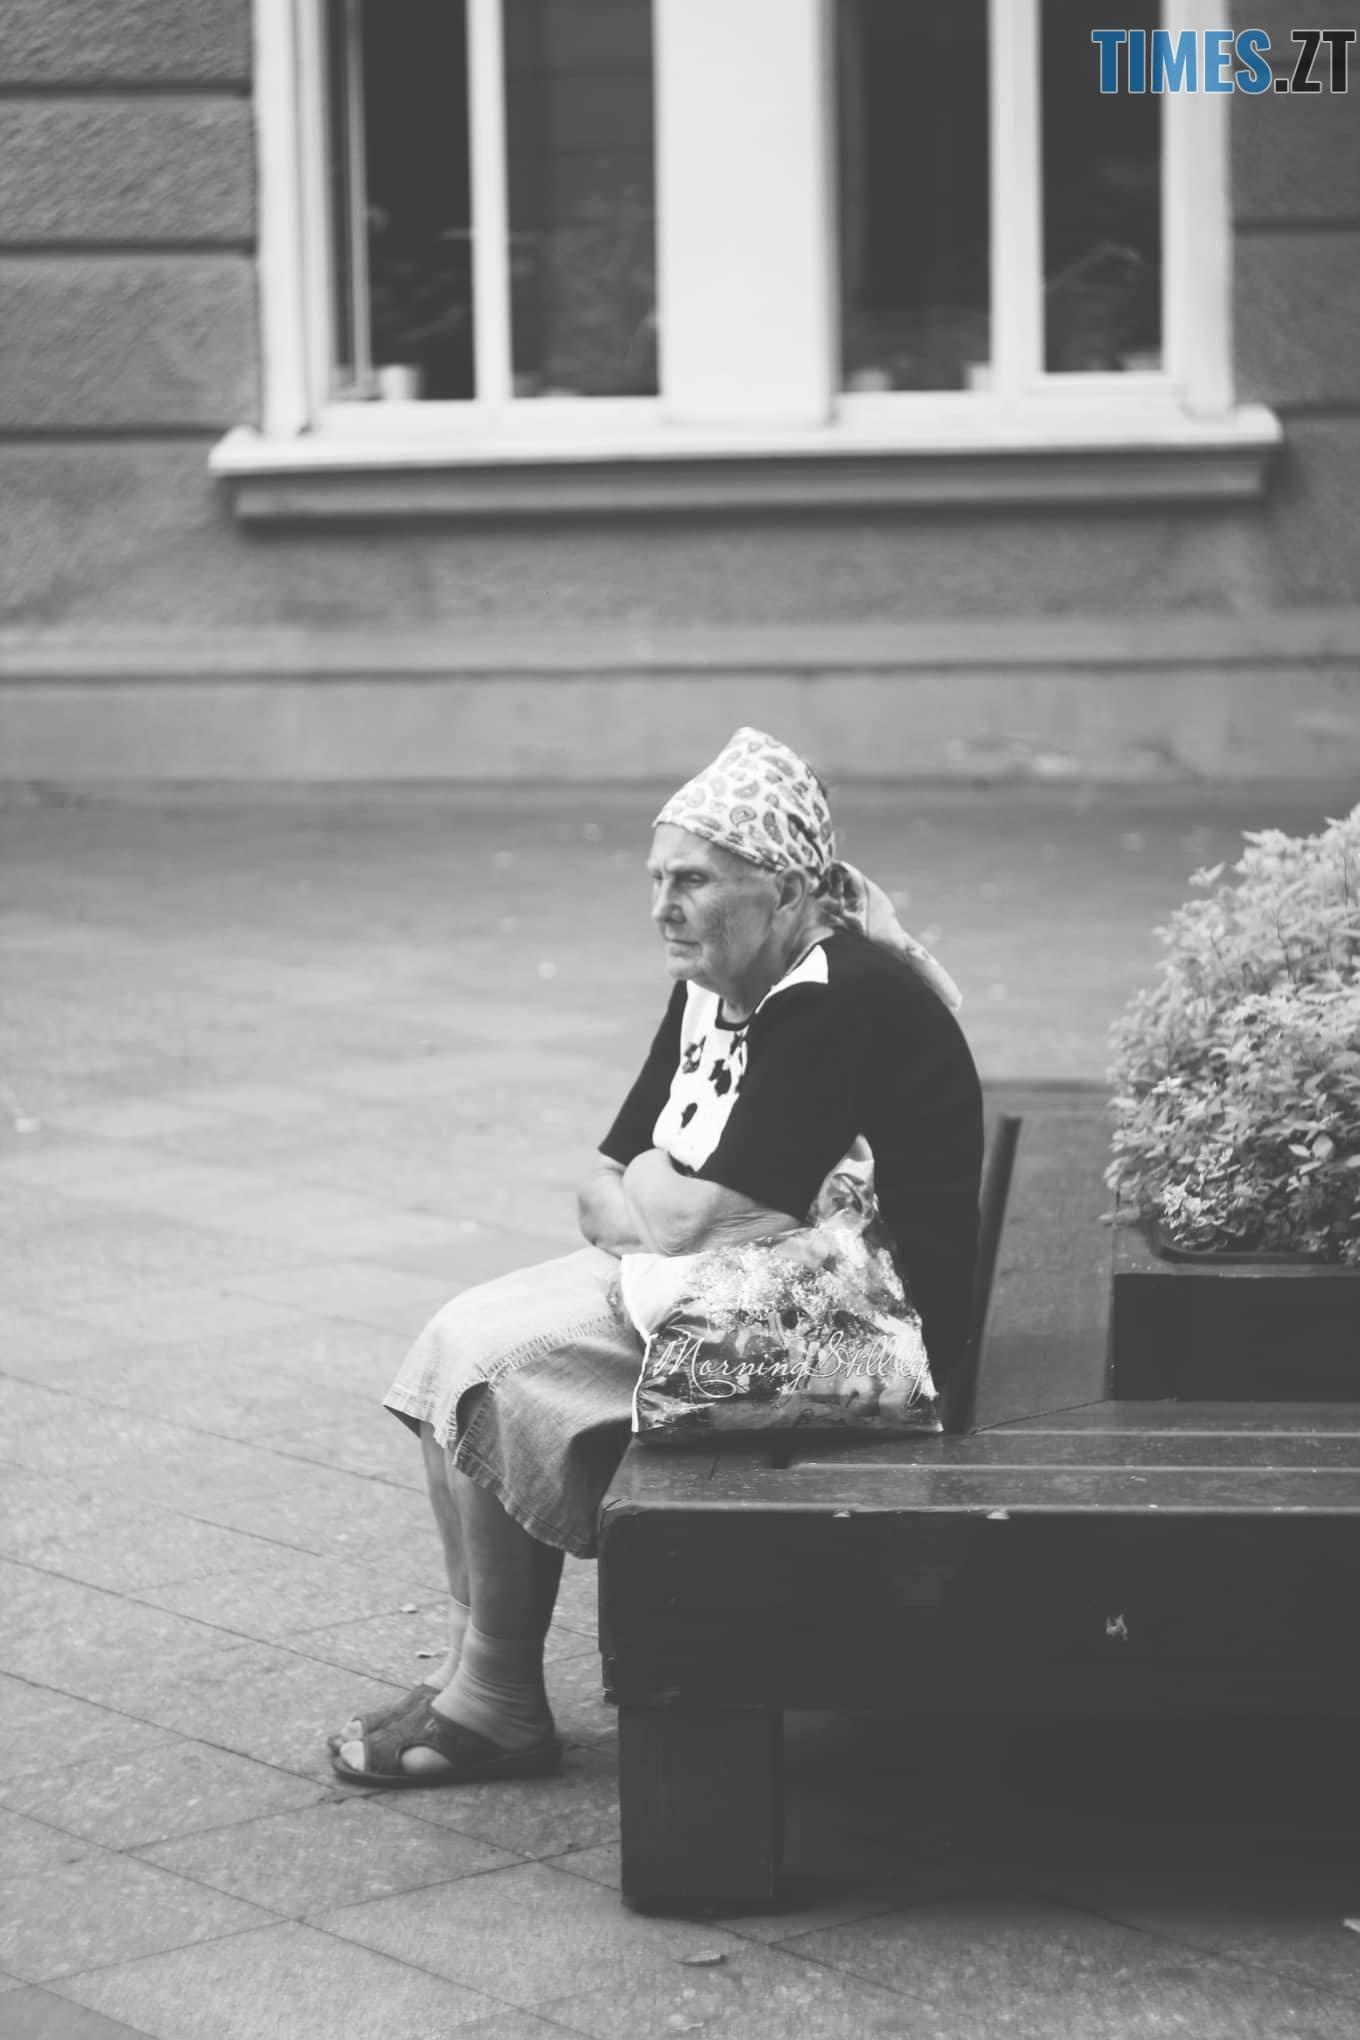 41606126 310279079523834 1458649792270827520 n - Старість чи її відчуття: звичайні будні житомирян поважного віку (ФОТОРЕПОРТАЖ)